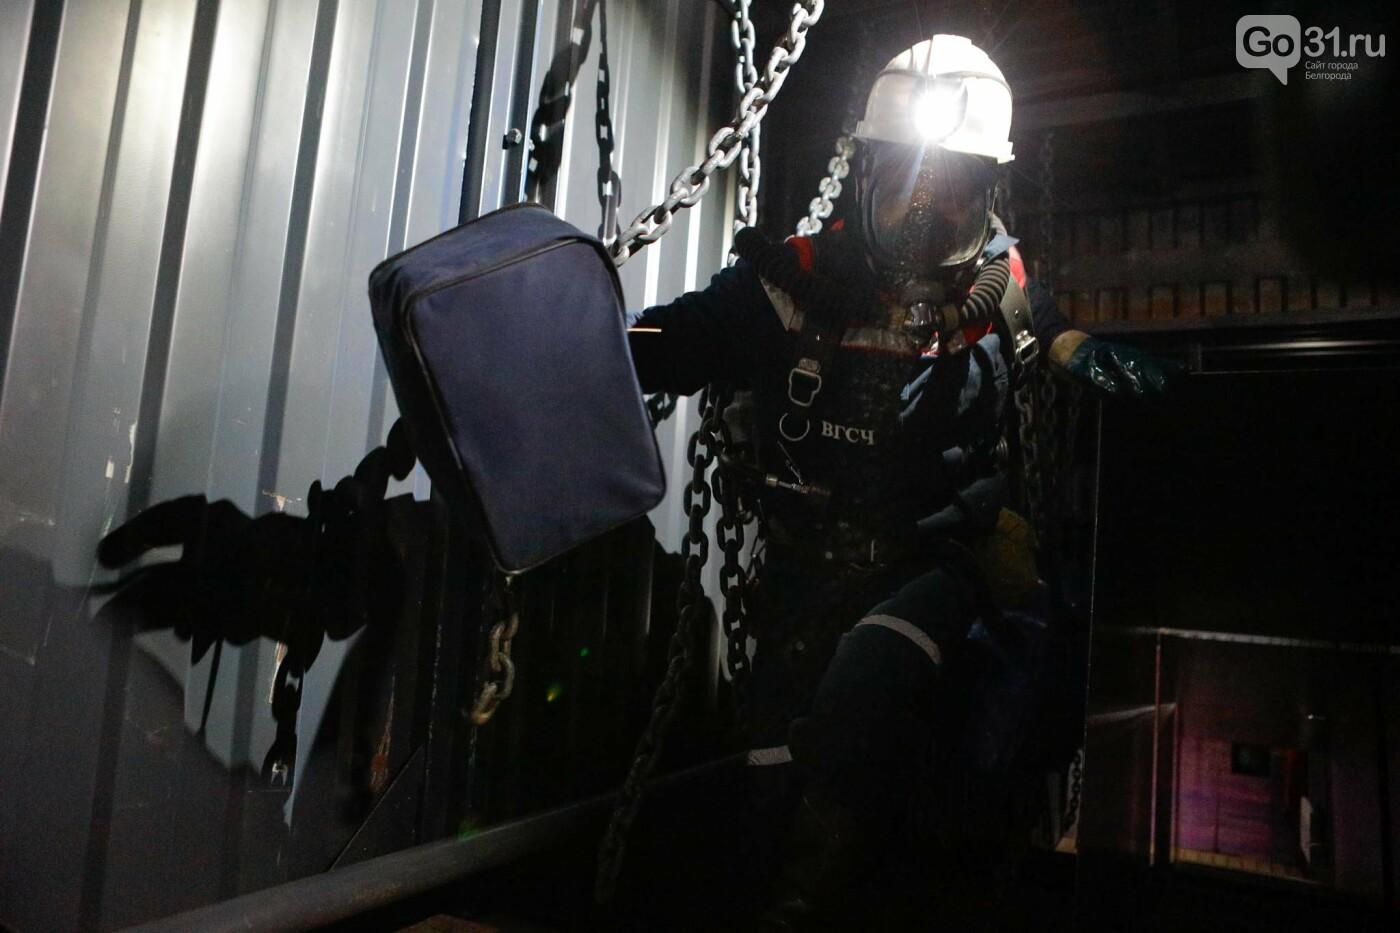 В Белгородской области горноспасатели провели спецоперацию, фото-10